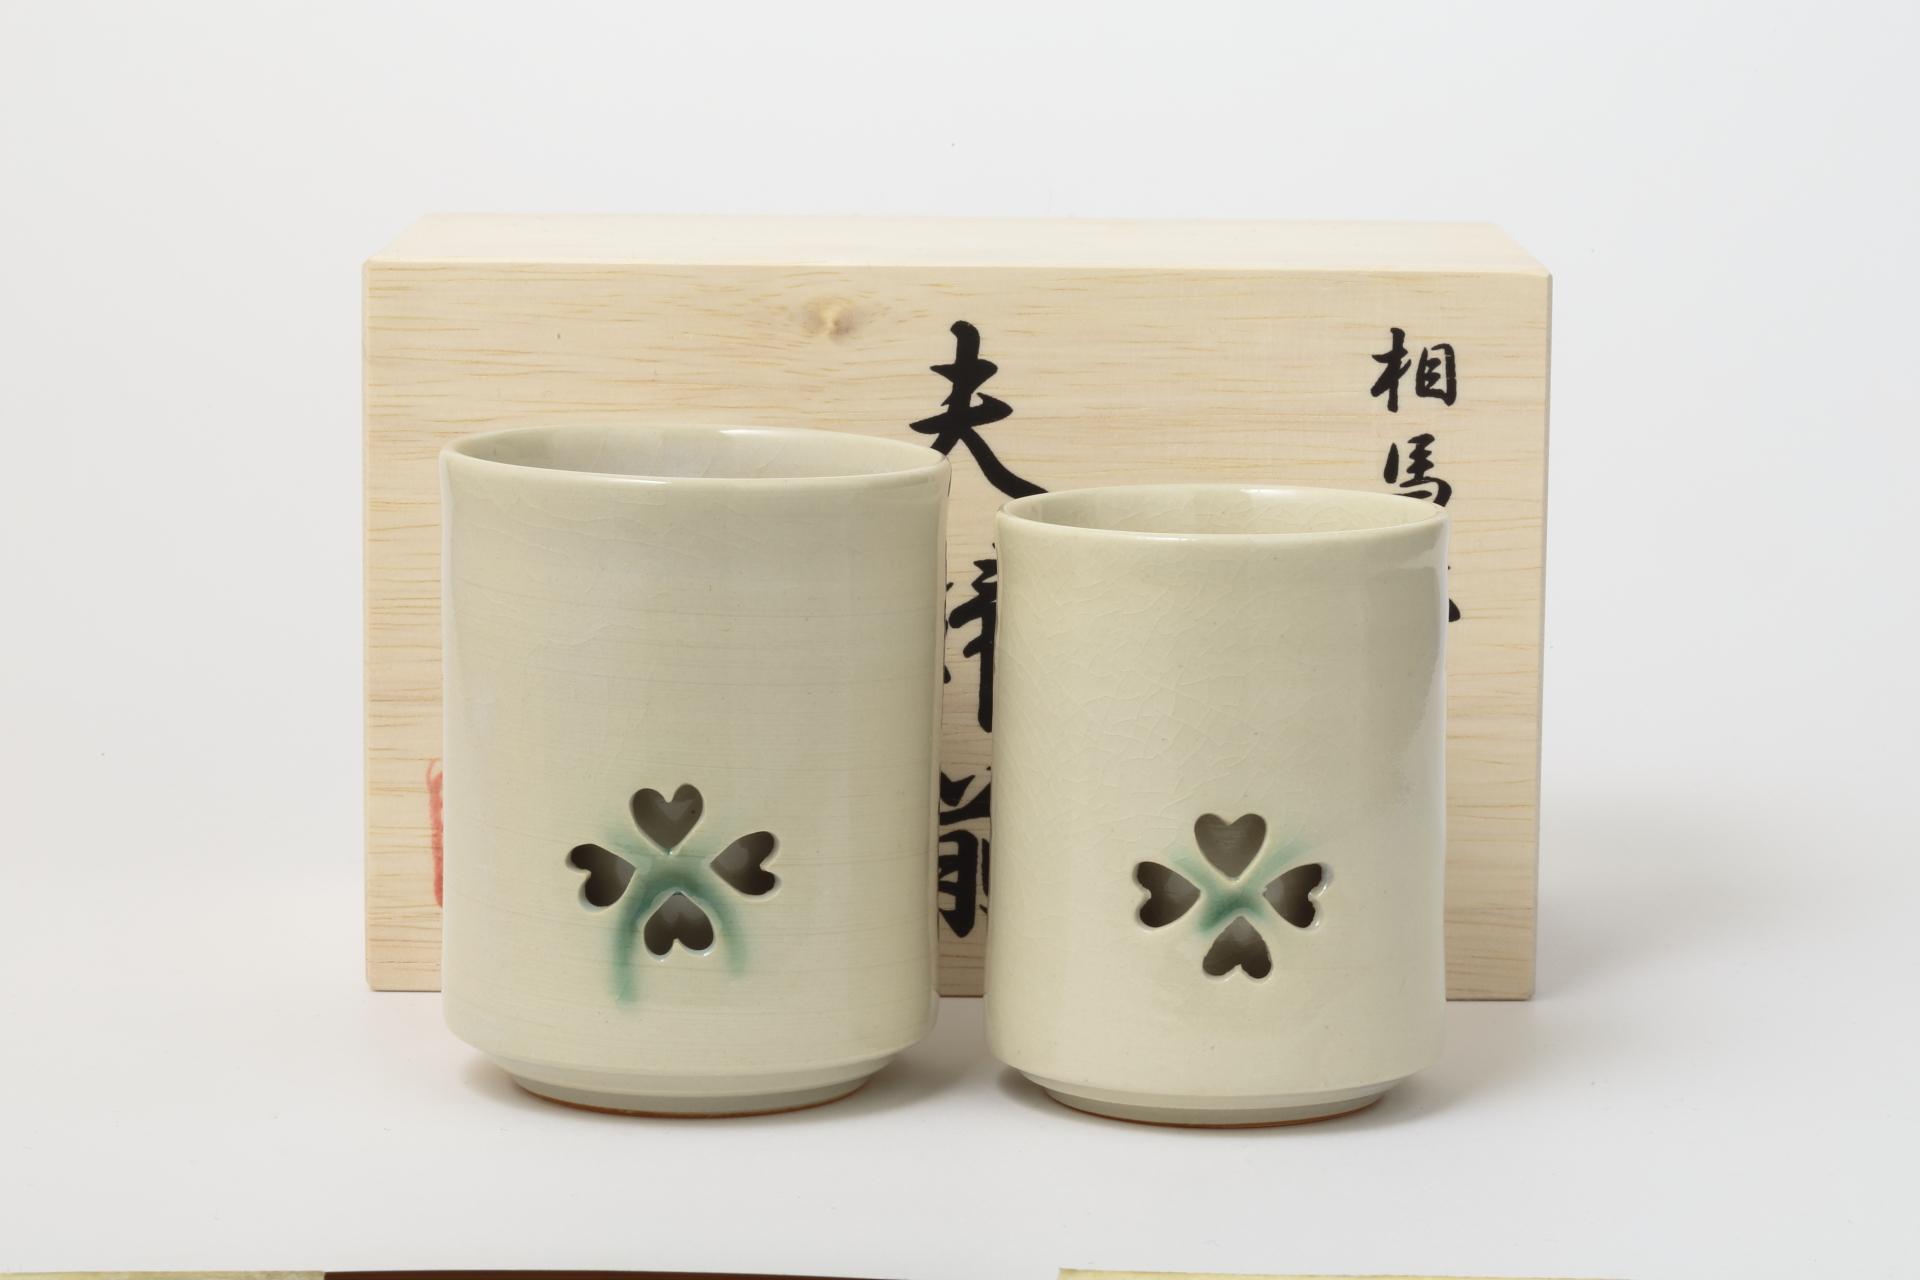 naito_15-05-13_0013